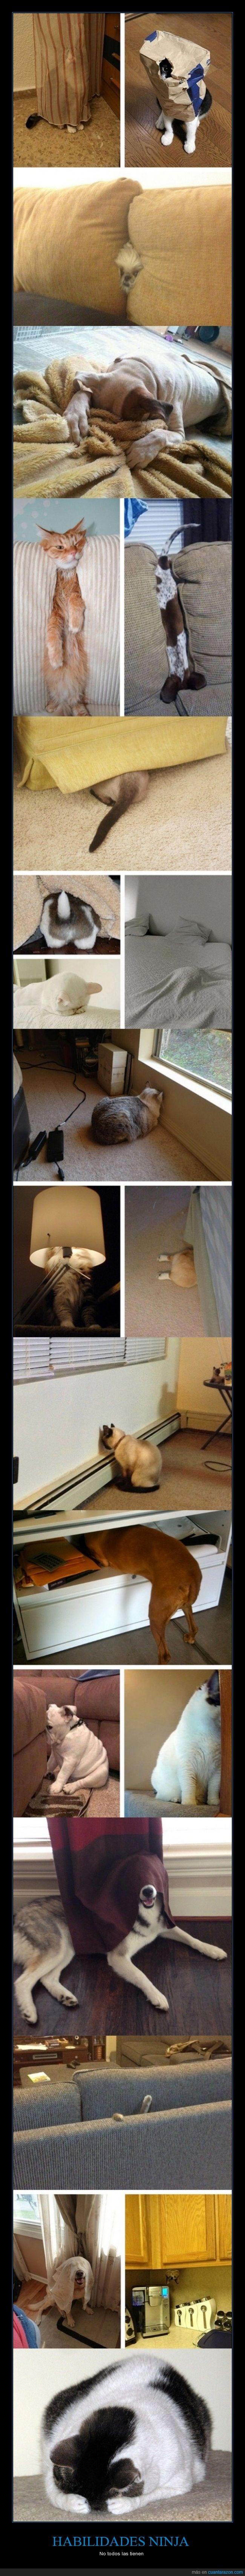 animales,divertidos,esconder,gatos,juego,ninja,perros